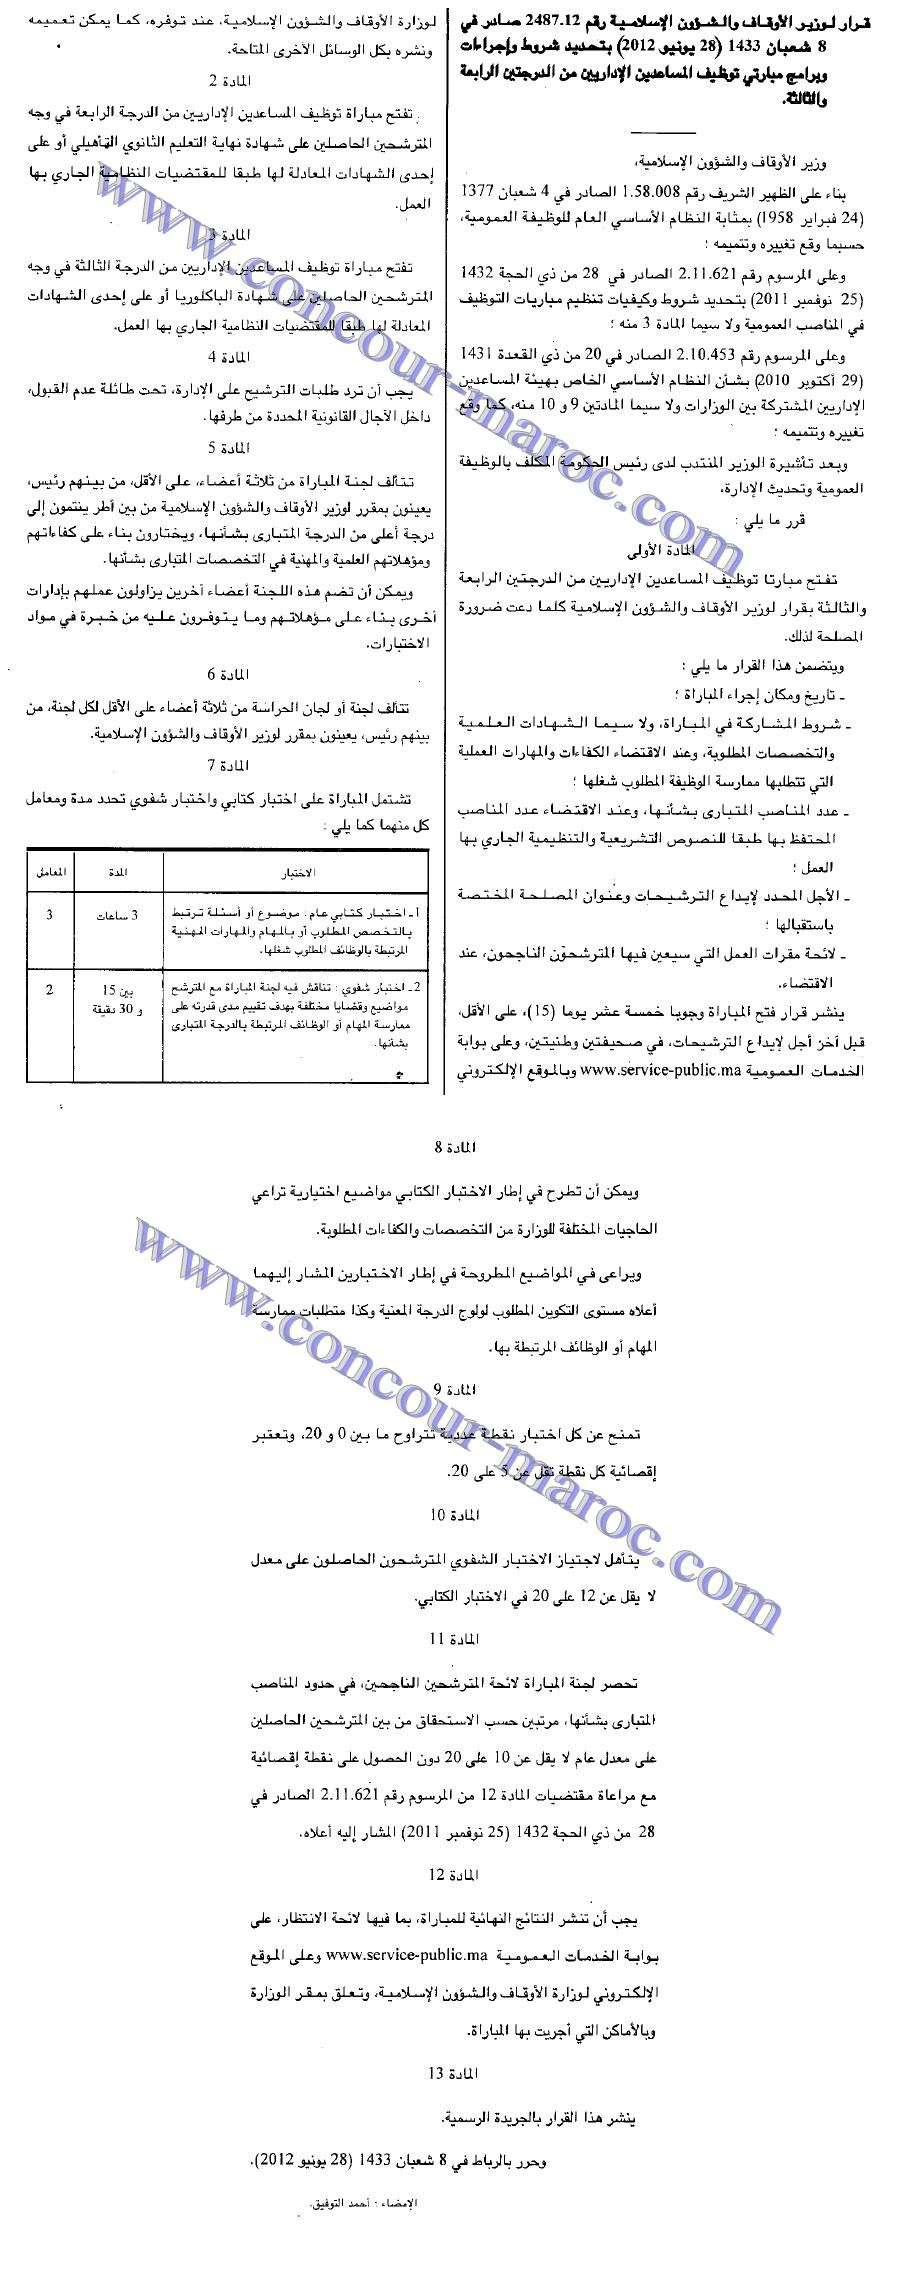 برامج اختبارات الكتابية و الشفوية و شروط و إجراءات مبارتي توظيف المساعدين الاداريين من الدرجة الرابعة و الثالثة بوزارة الأوقاف و الشؤون الإسلامية   System11